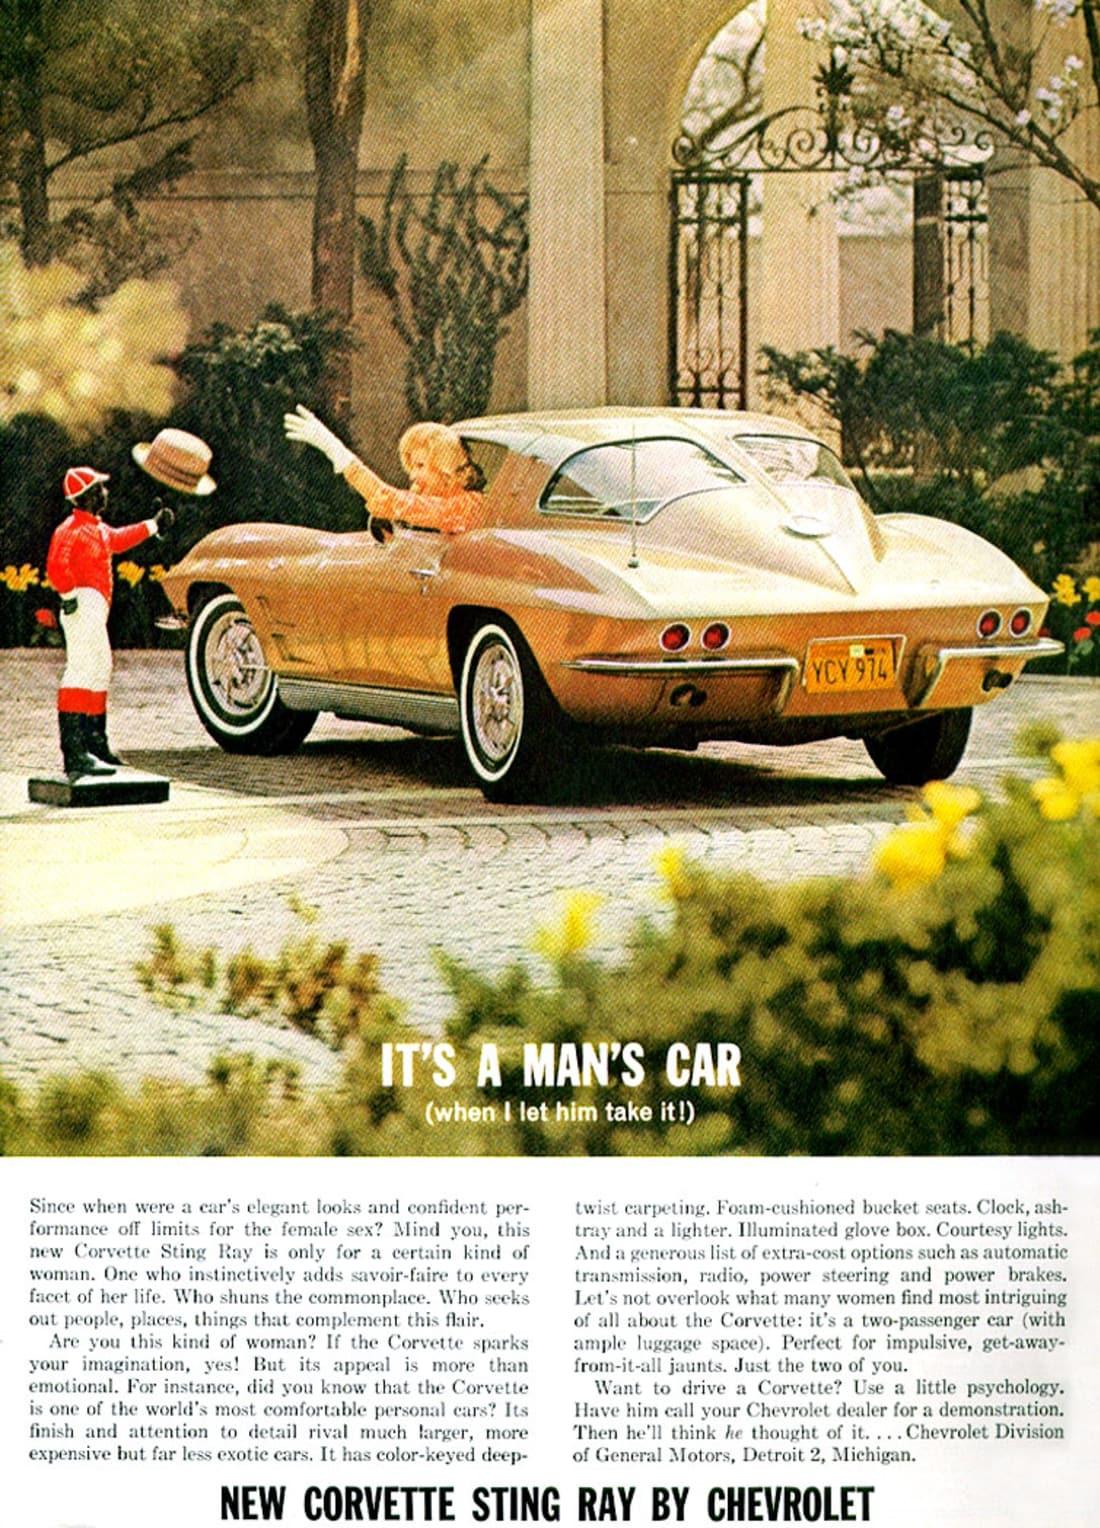 1963 Corvette Ad